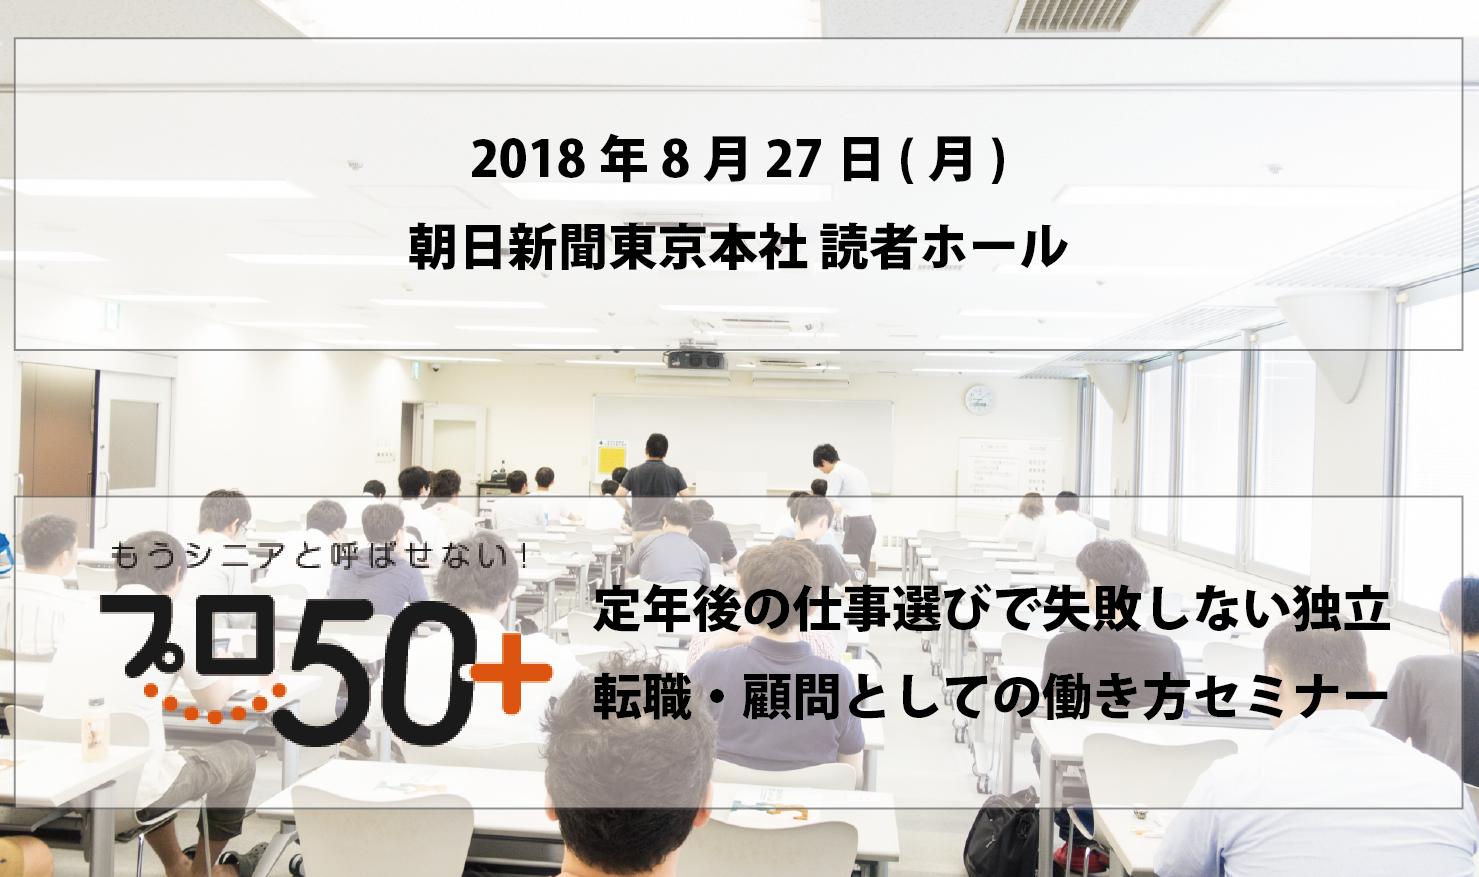 独立、起業を支援するプロ50+セミナーを東京で開催